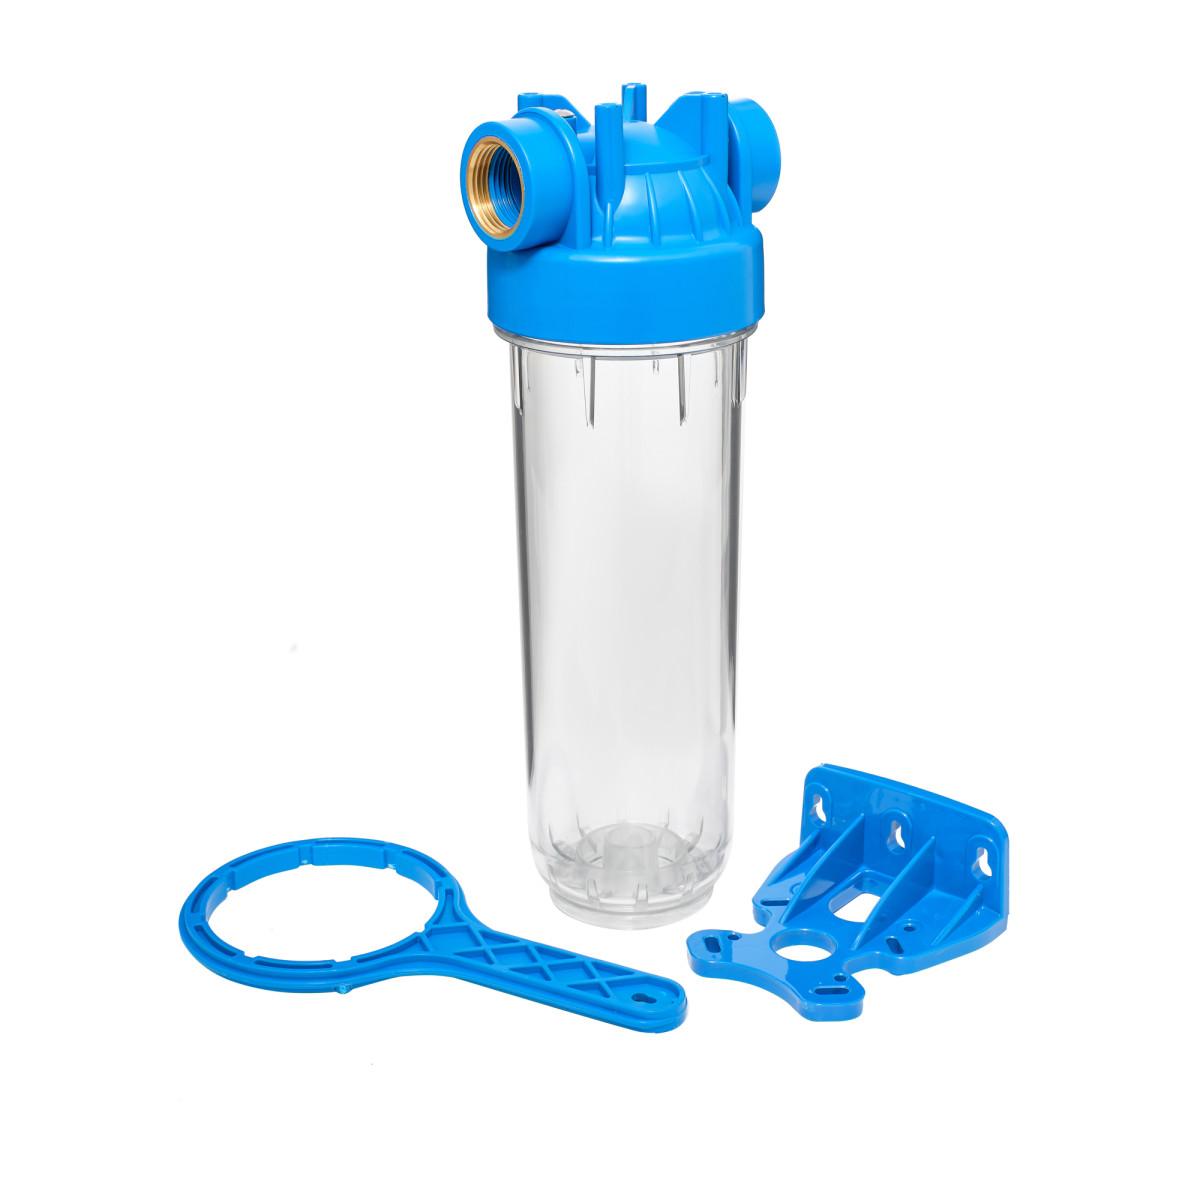 Магистральный корпус Аква Про 10SL для холодной воды резьба 1